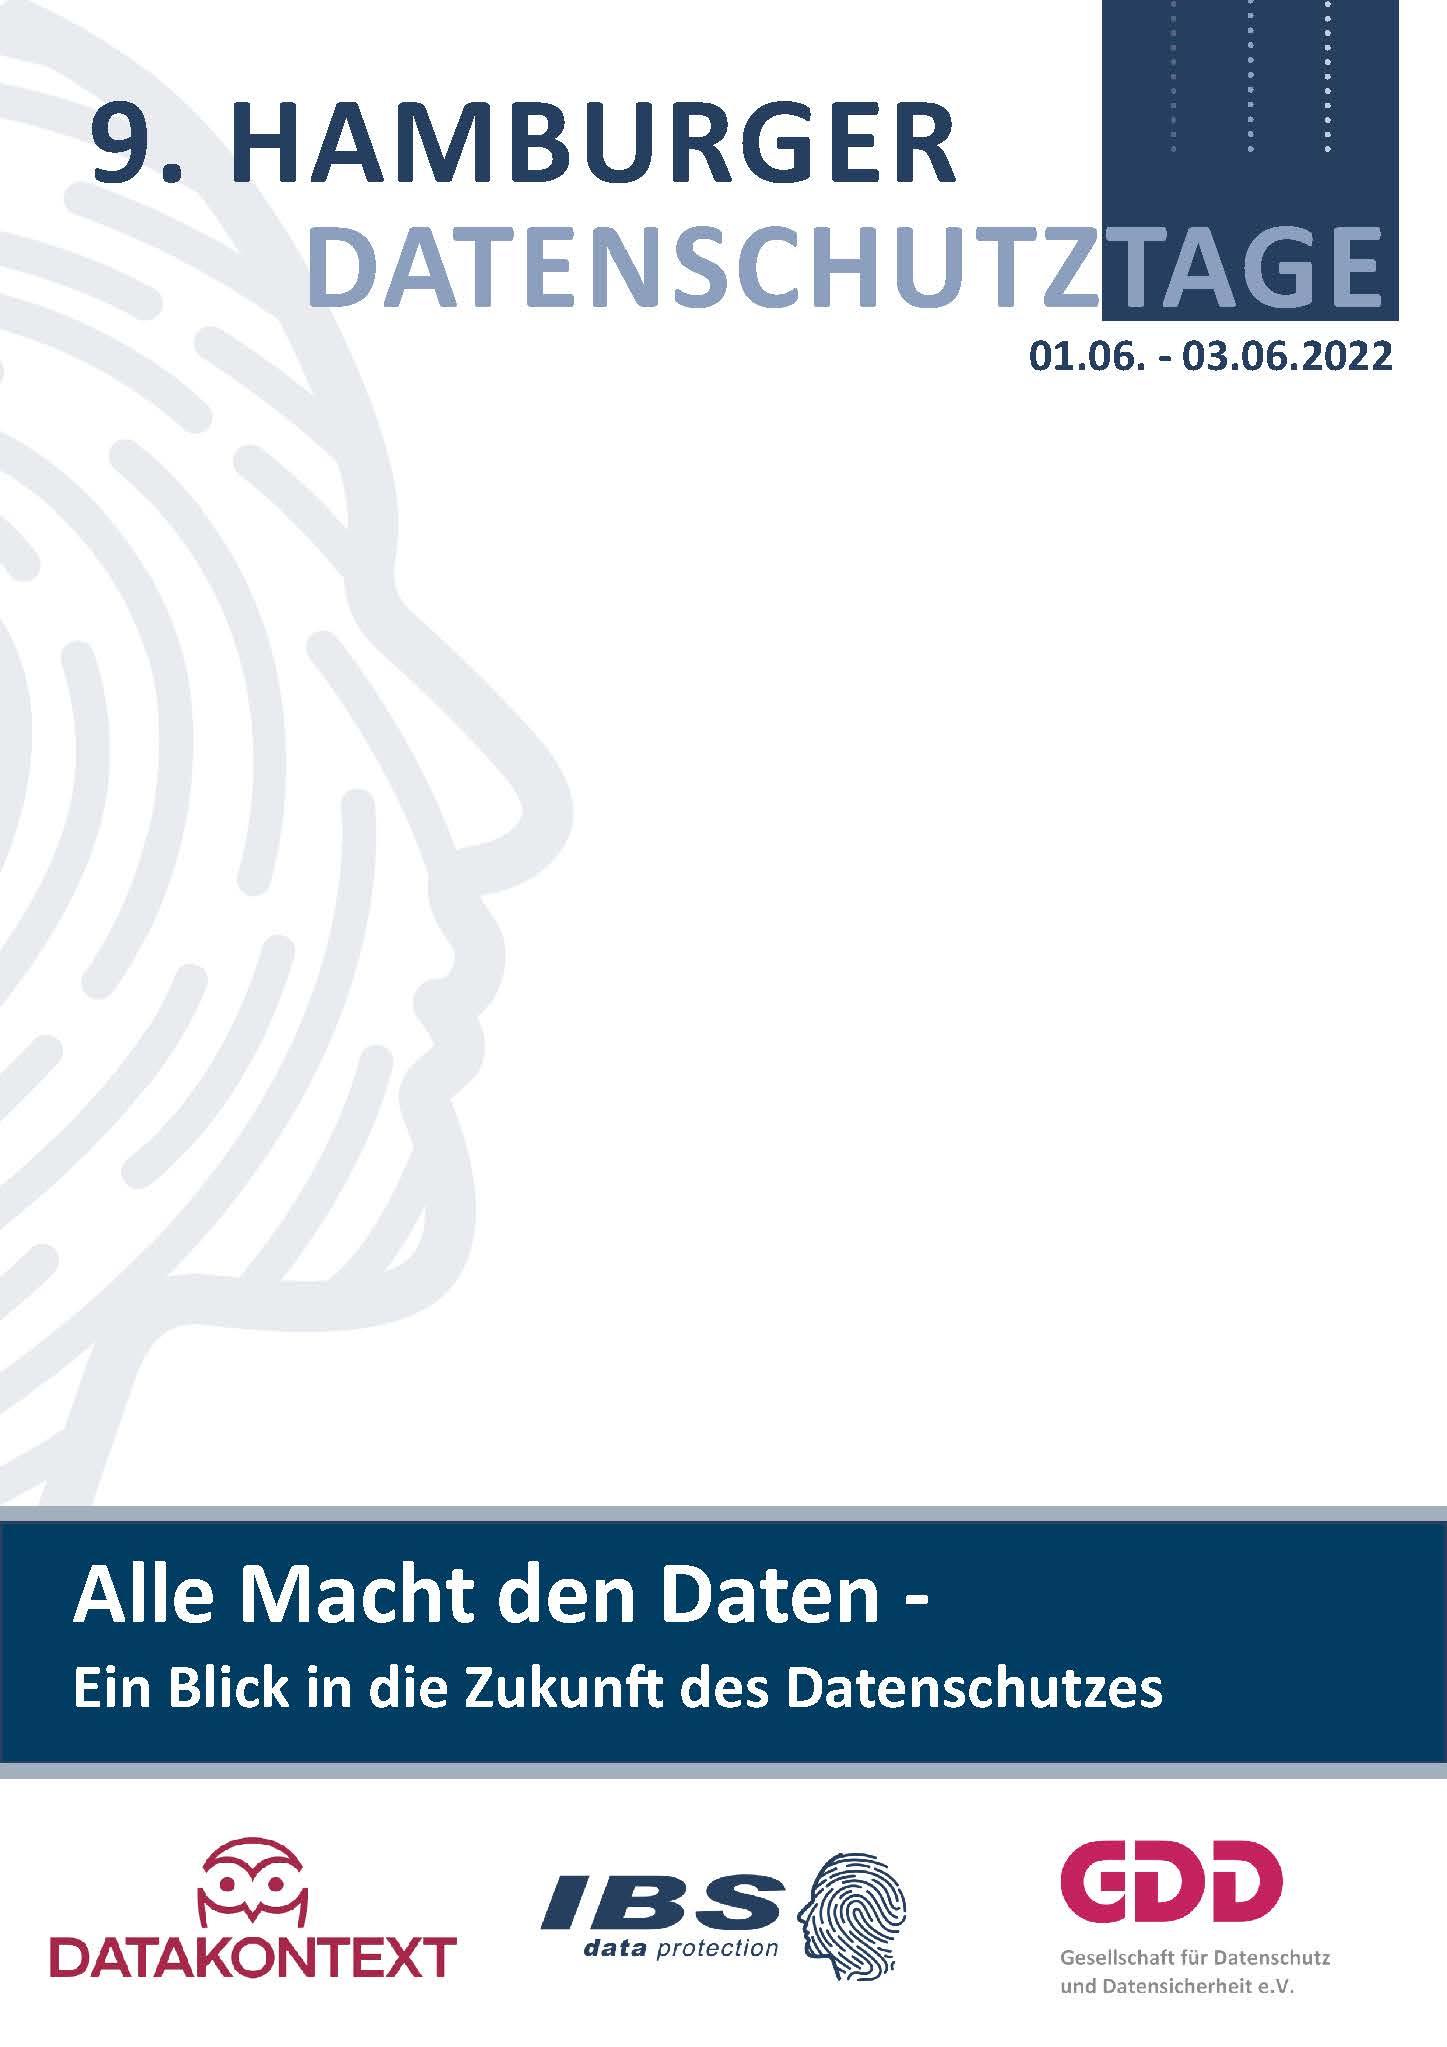 9. Hamburger Datenschutztage